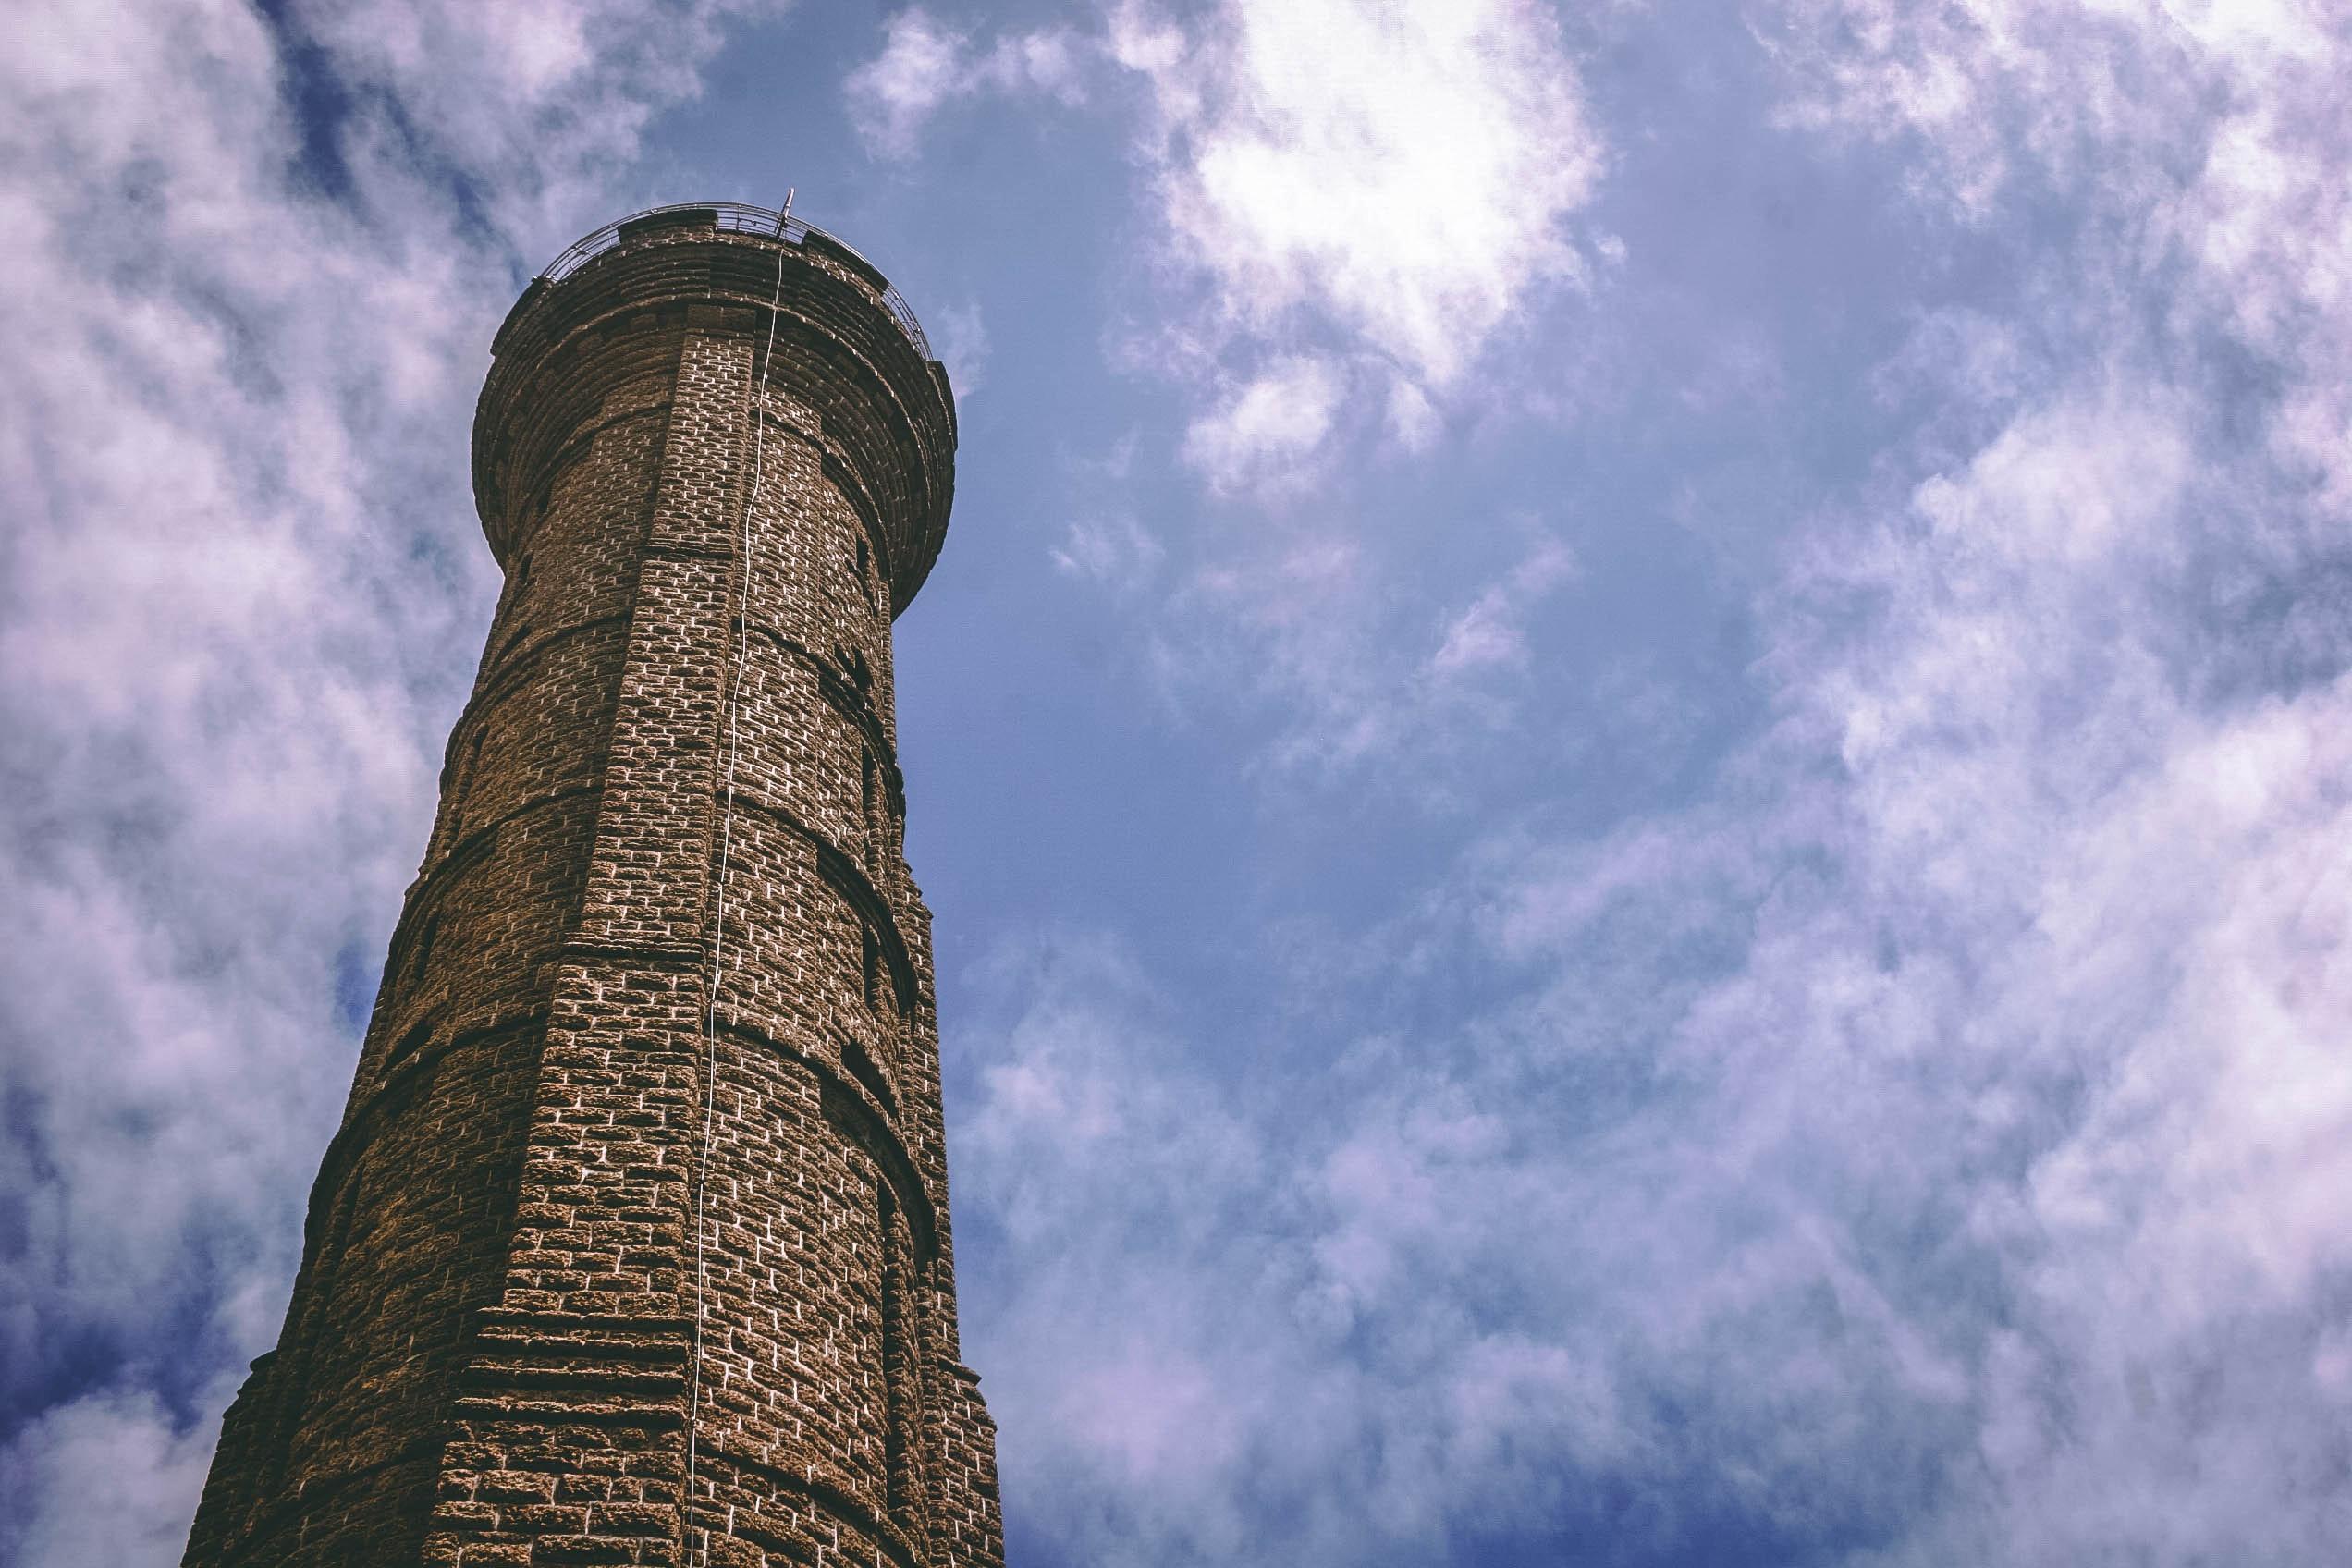 Brown brick watchtower photo